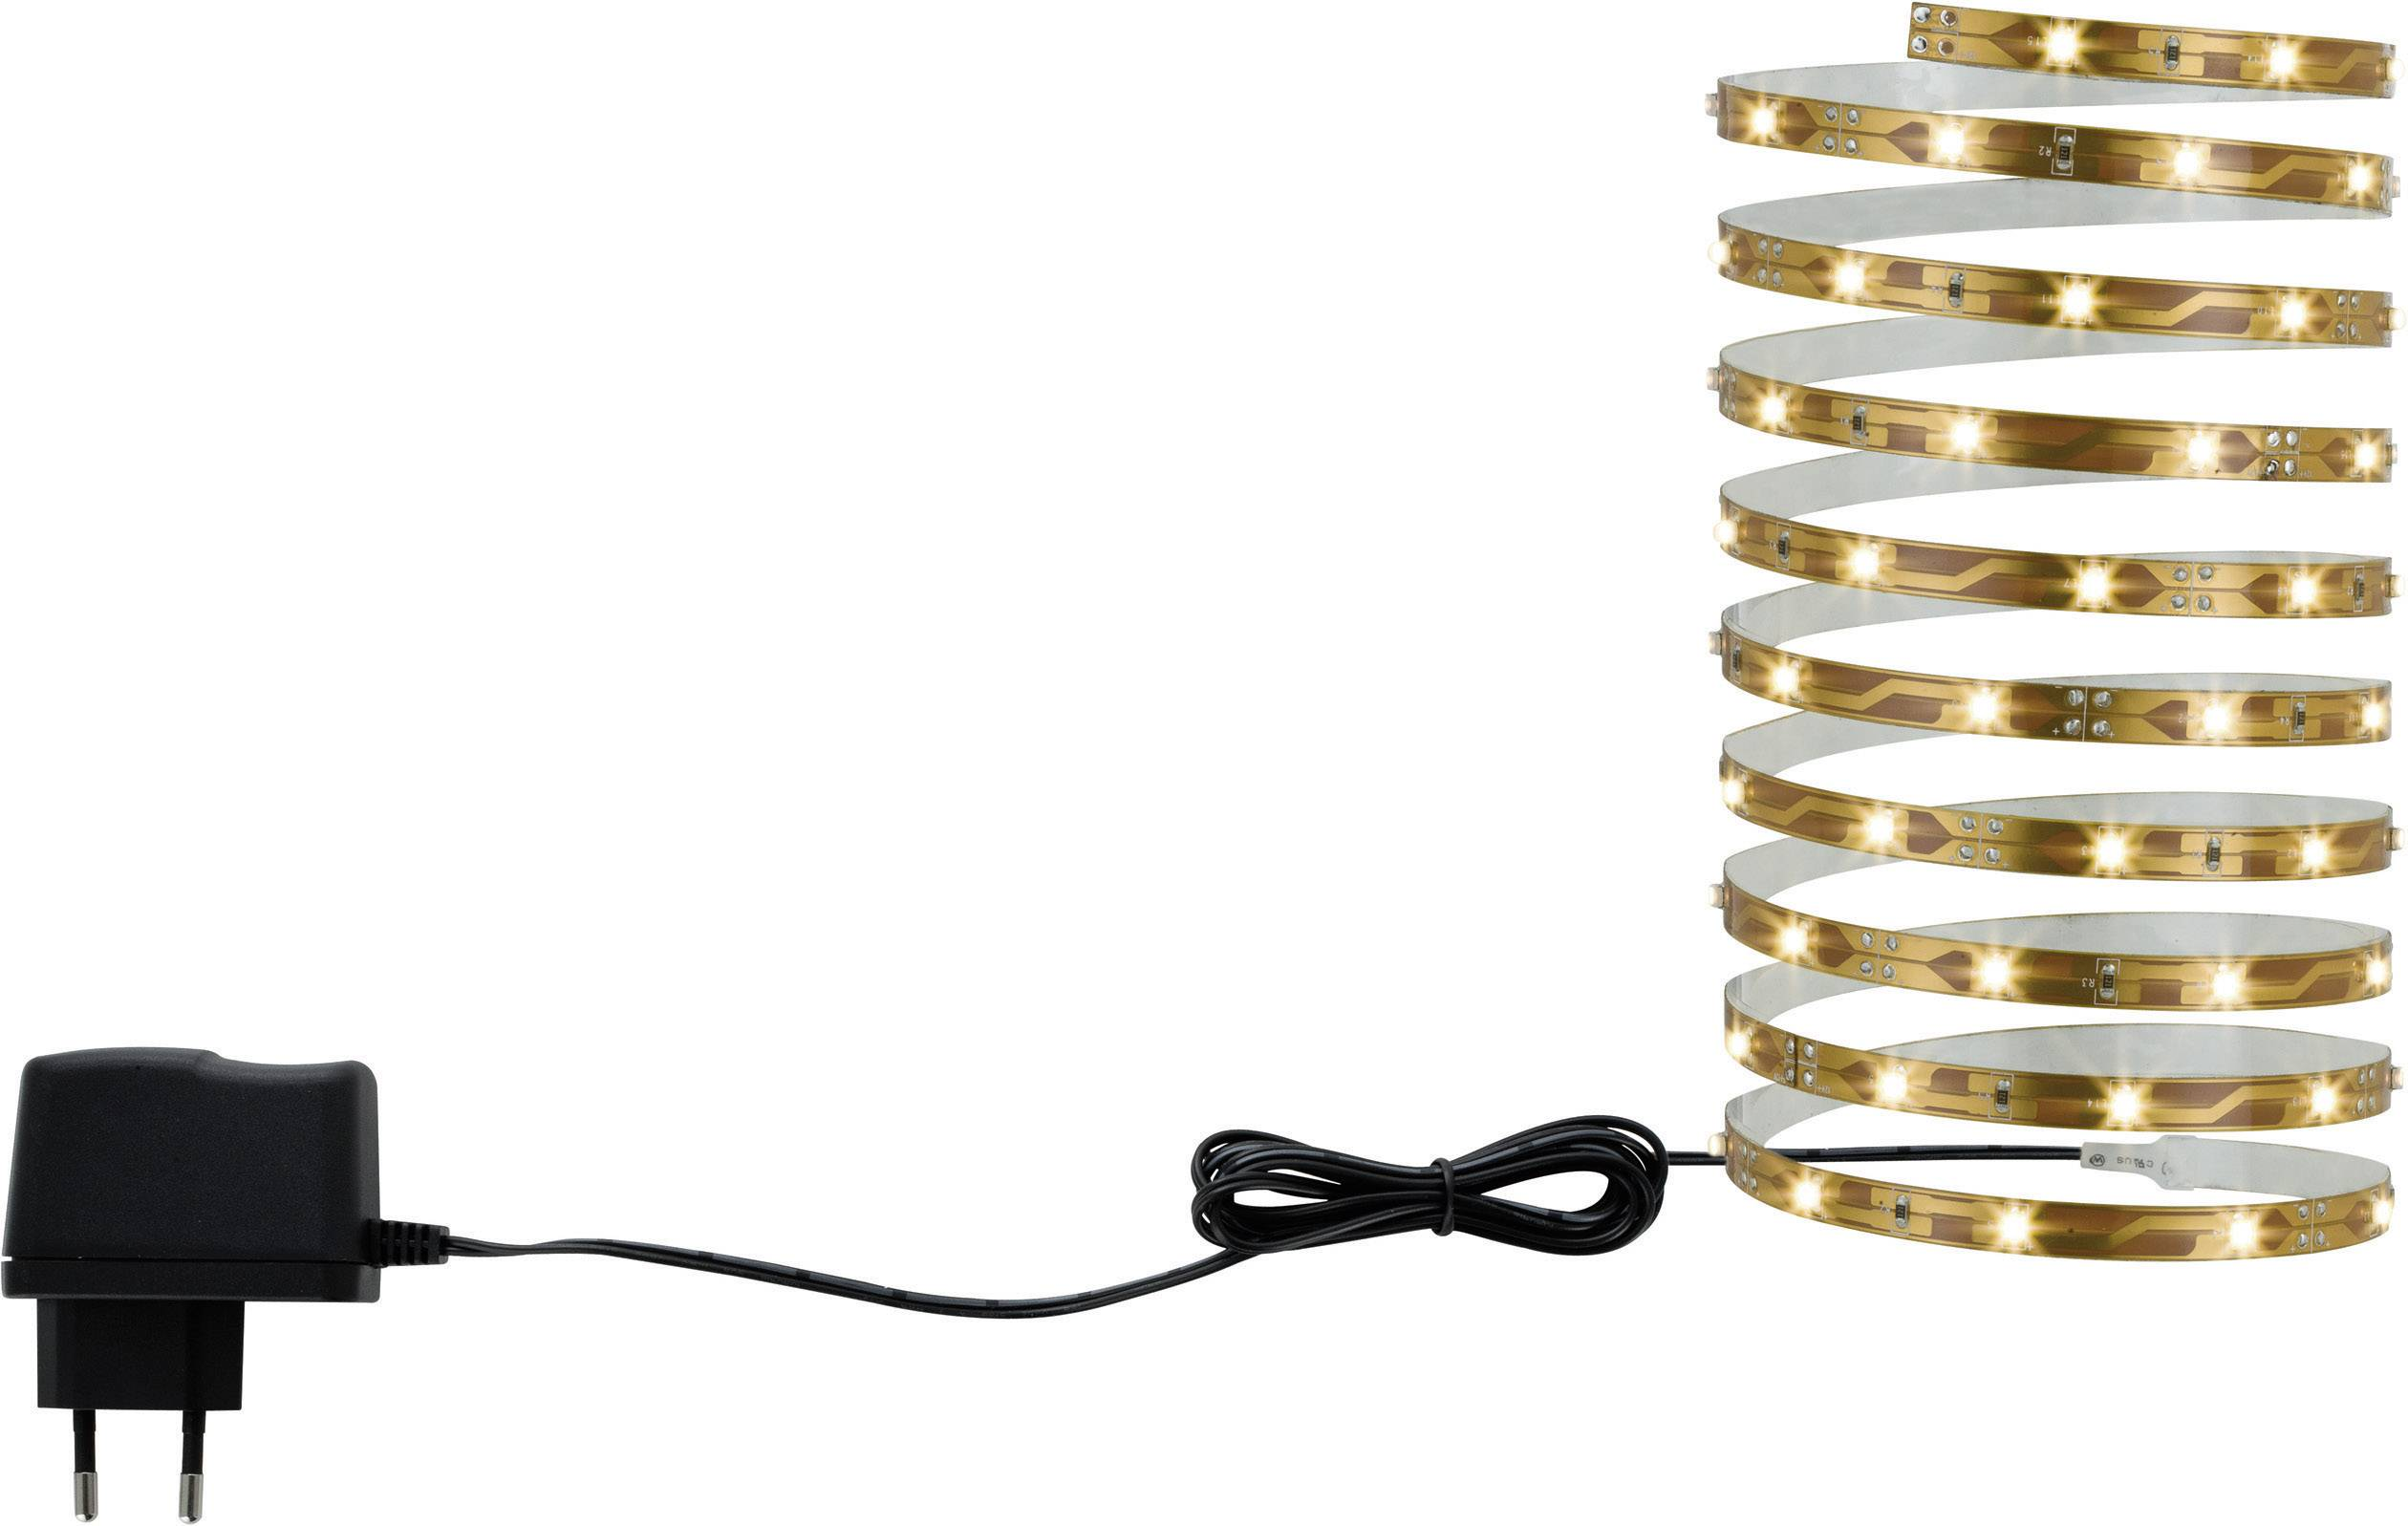 Dekoratívny LED pás Nice Price LED, 3 m